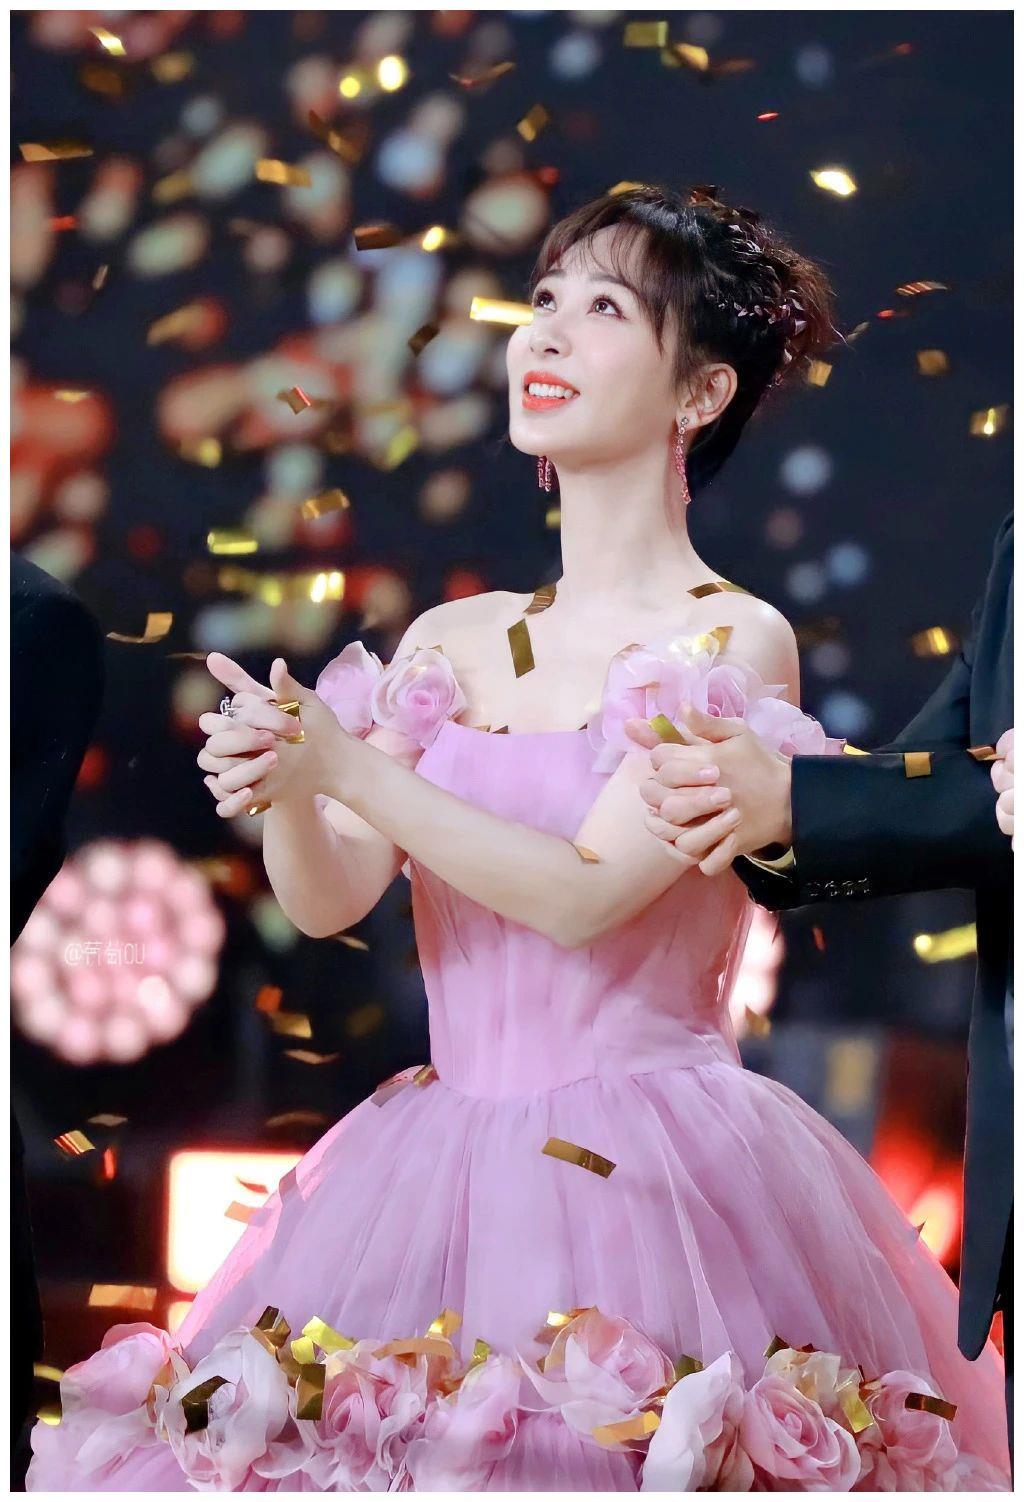 杨紫壁纸:穿上婚纱你是最美丽的公主,穿上马丁靴你就是守护骑士